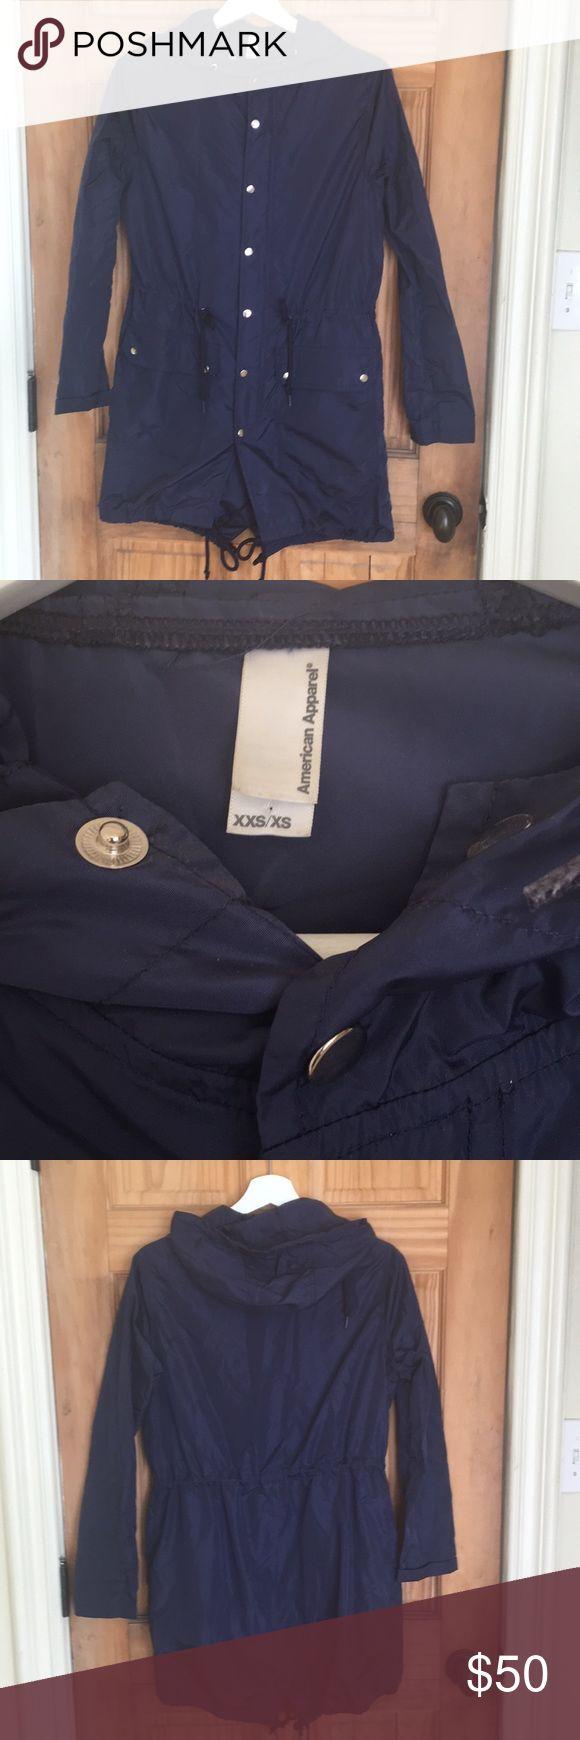 American apparel packable rain parka American apparel packable rain parka unisex size xxs/xs American Apparel Jackets & Coats